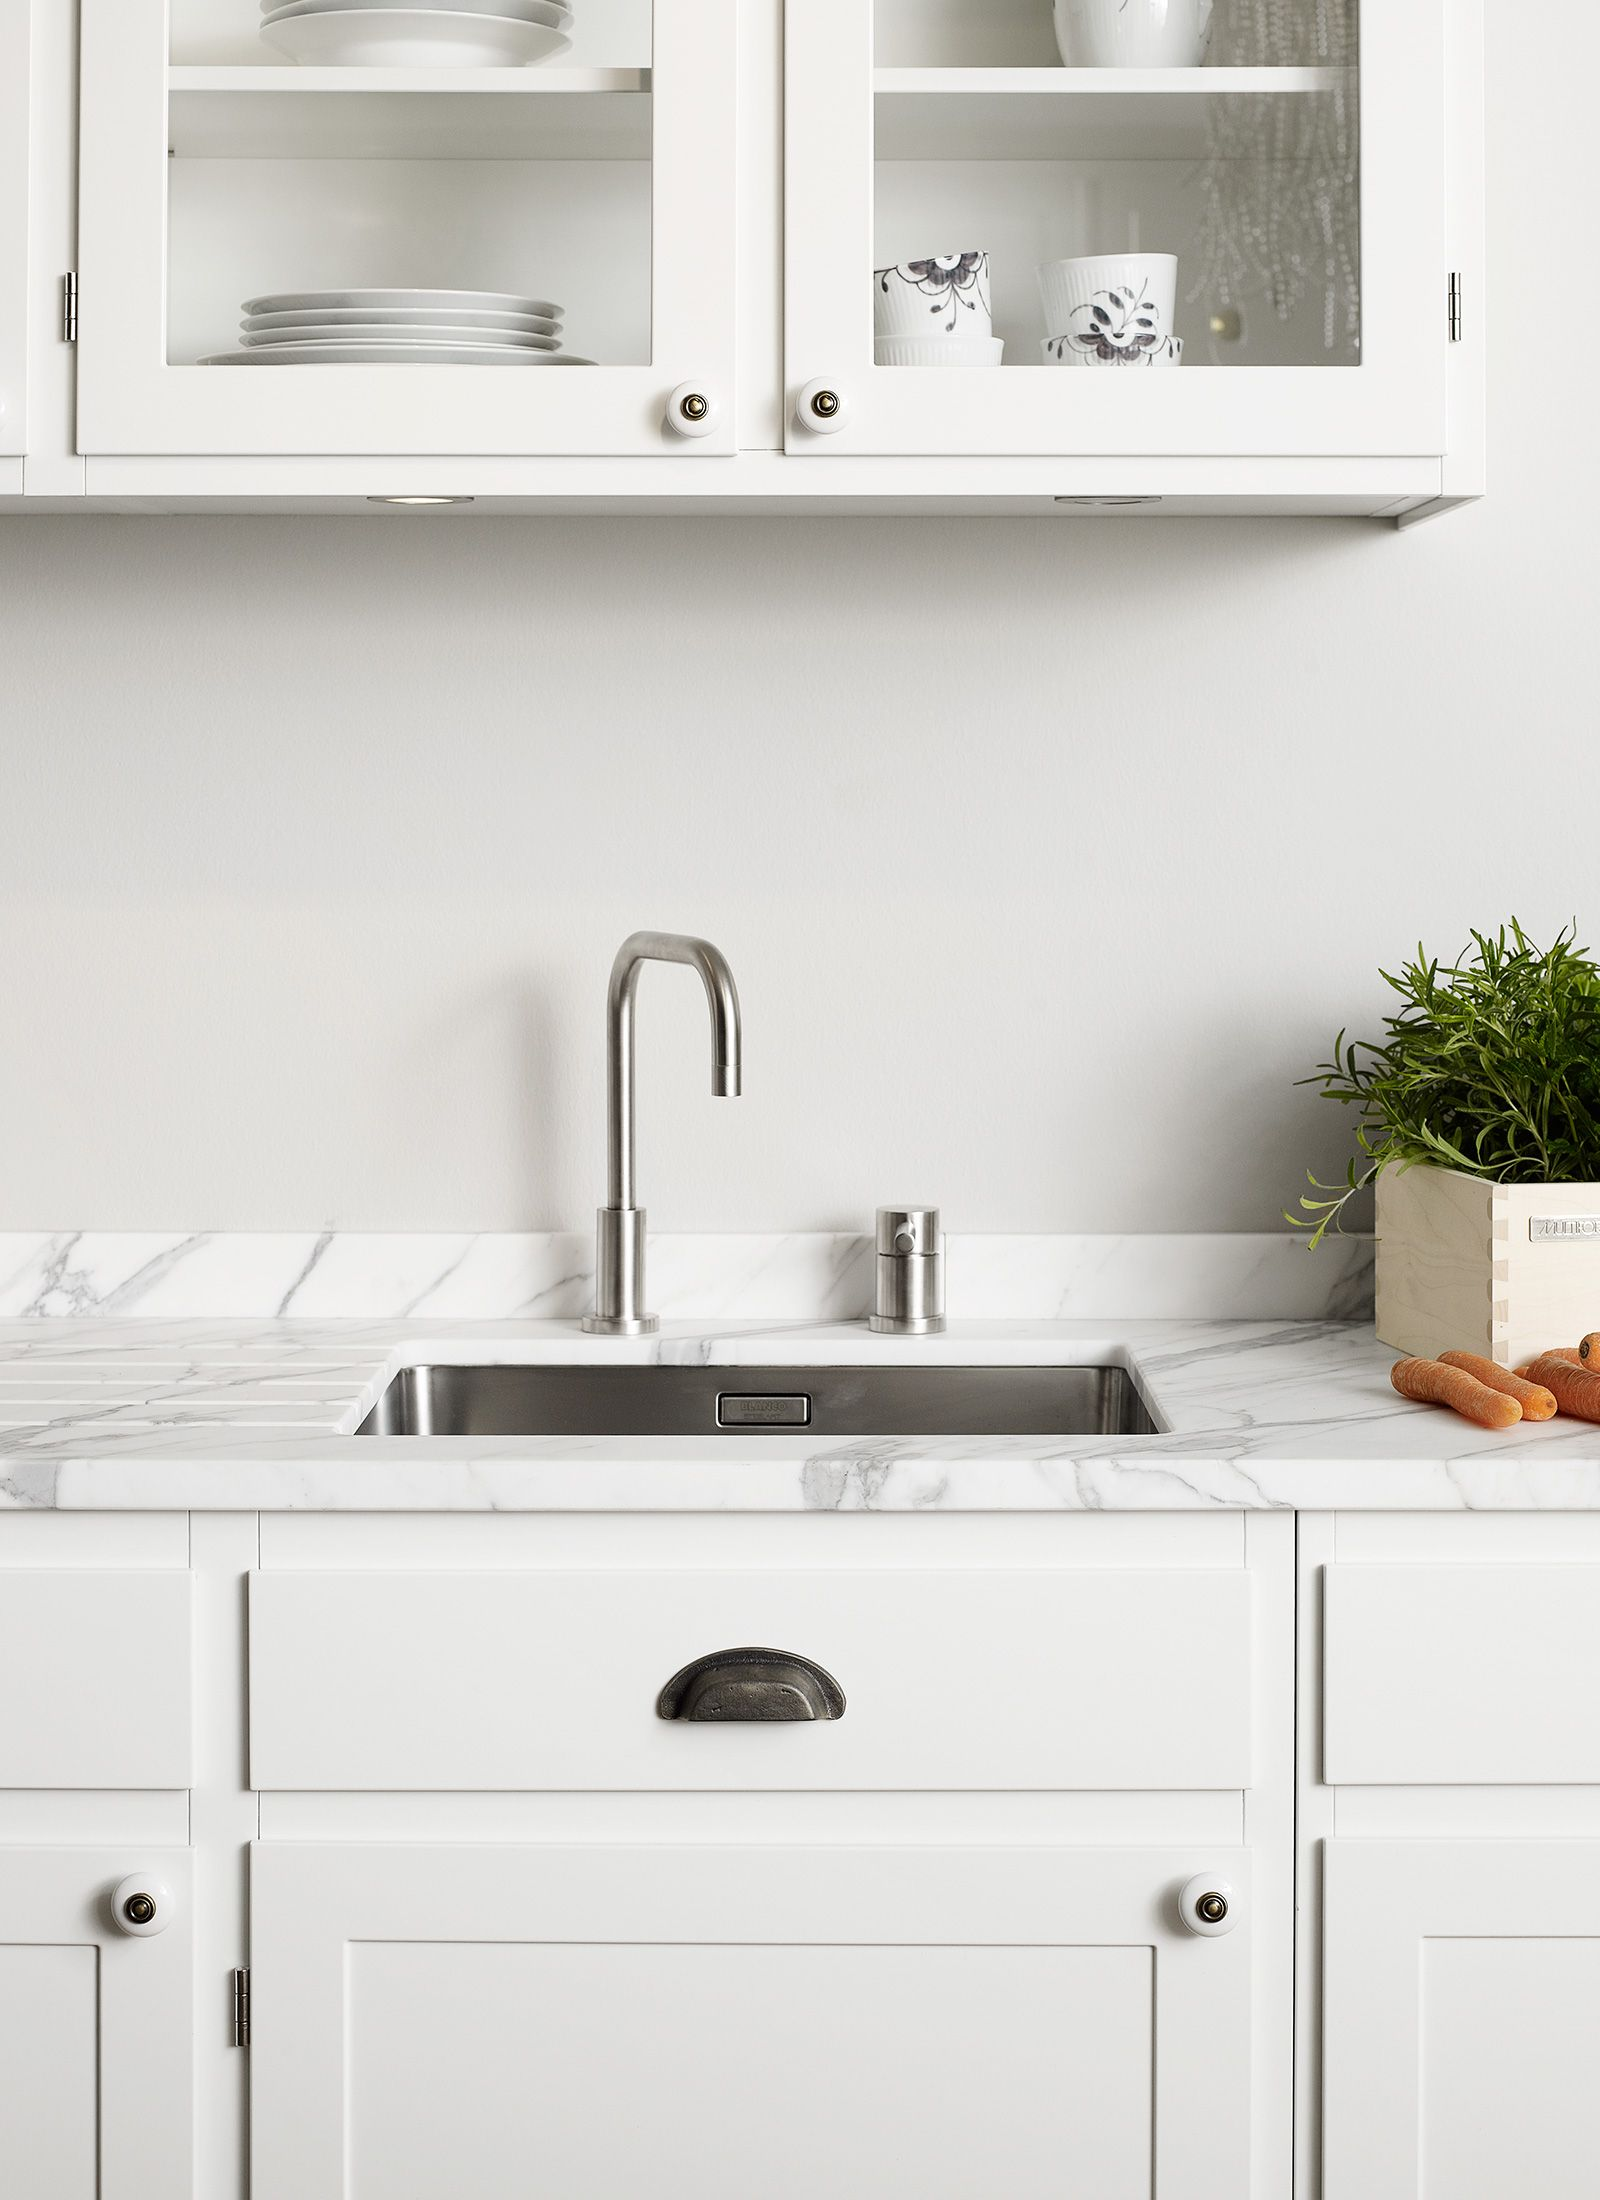 Marmor Küchen: Vorteile, Nachteile und Beispiele mit Bildern